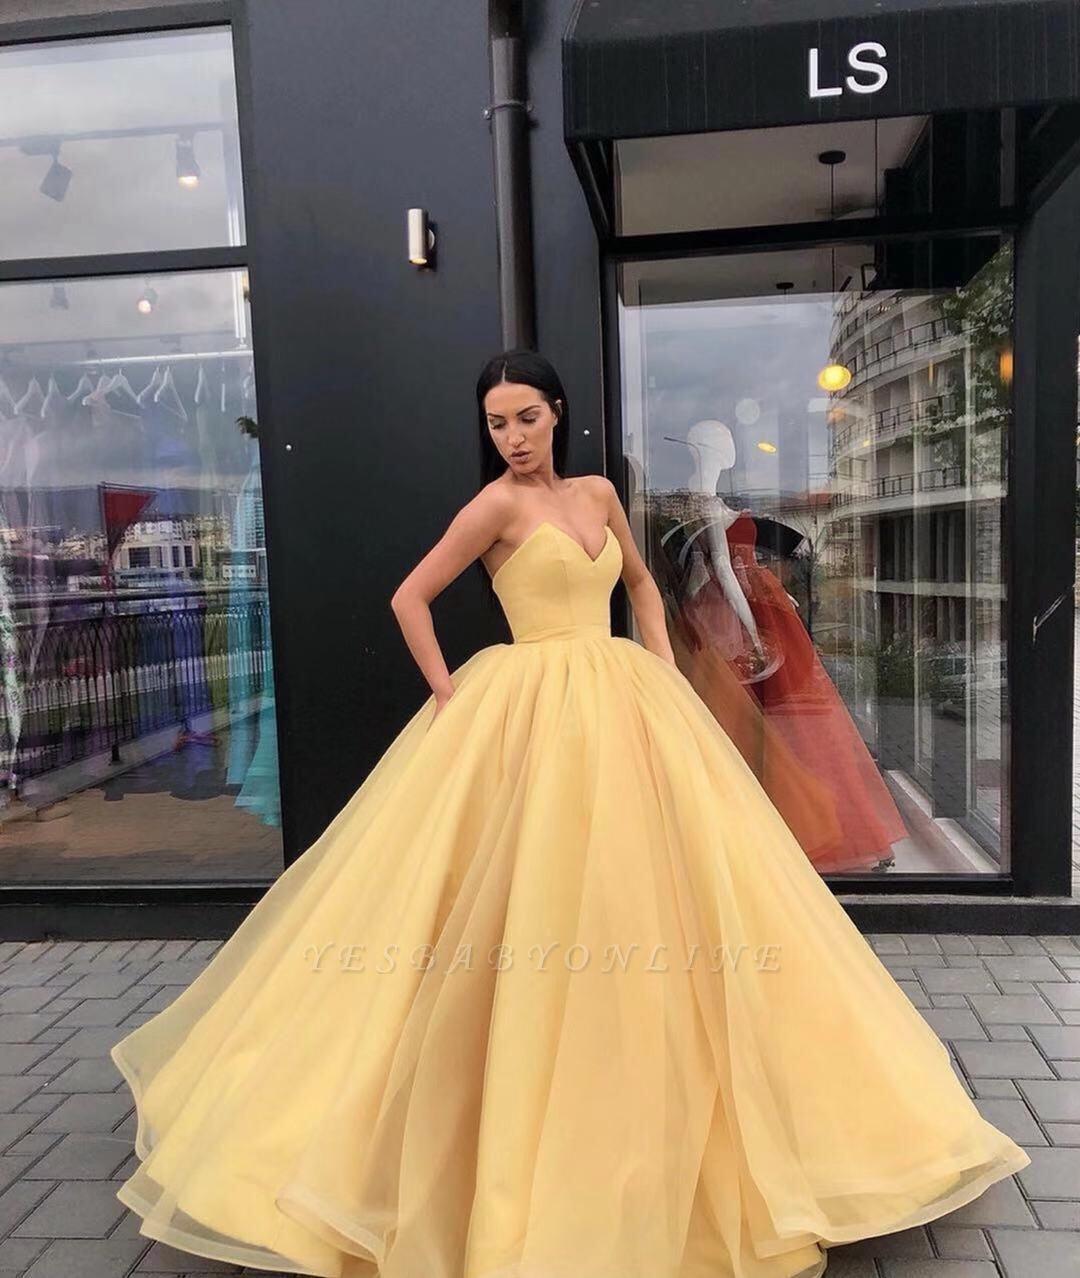 Elegant Ball Gown Strapless sweetheart Floor-Length Prom Dress